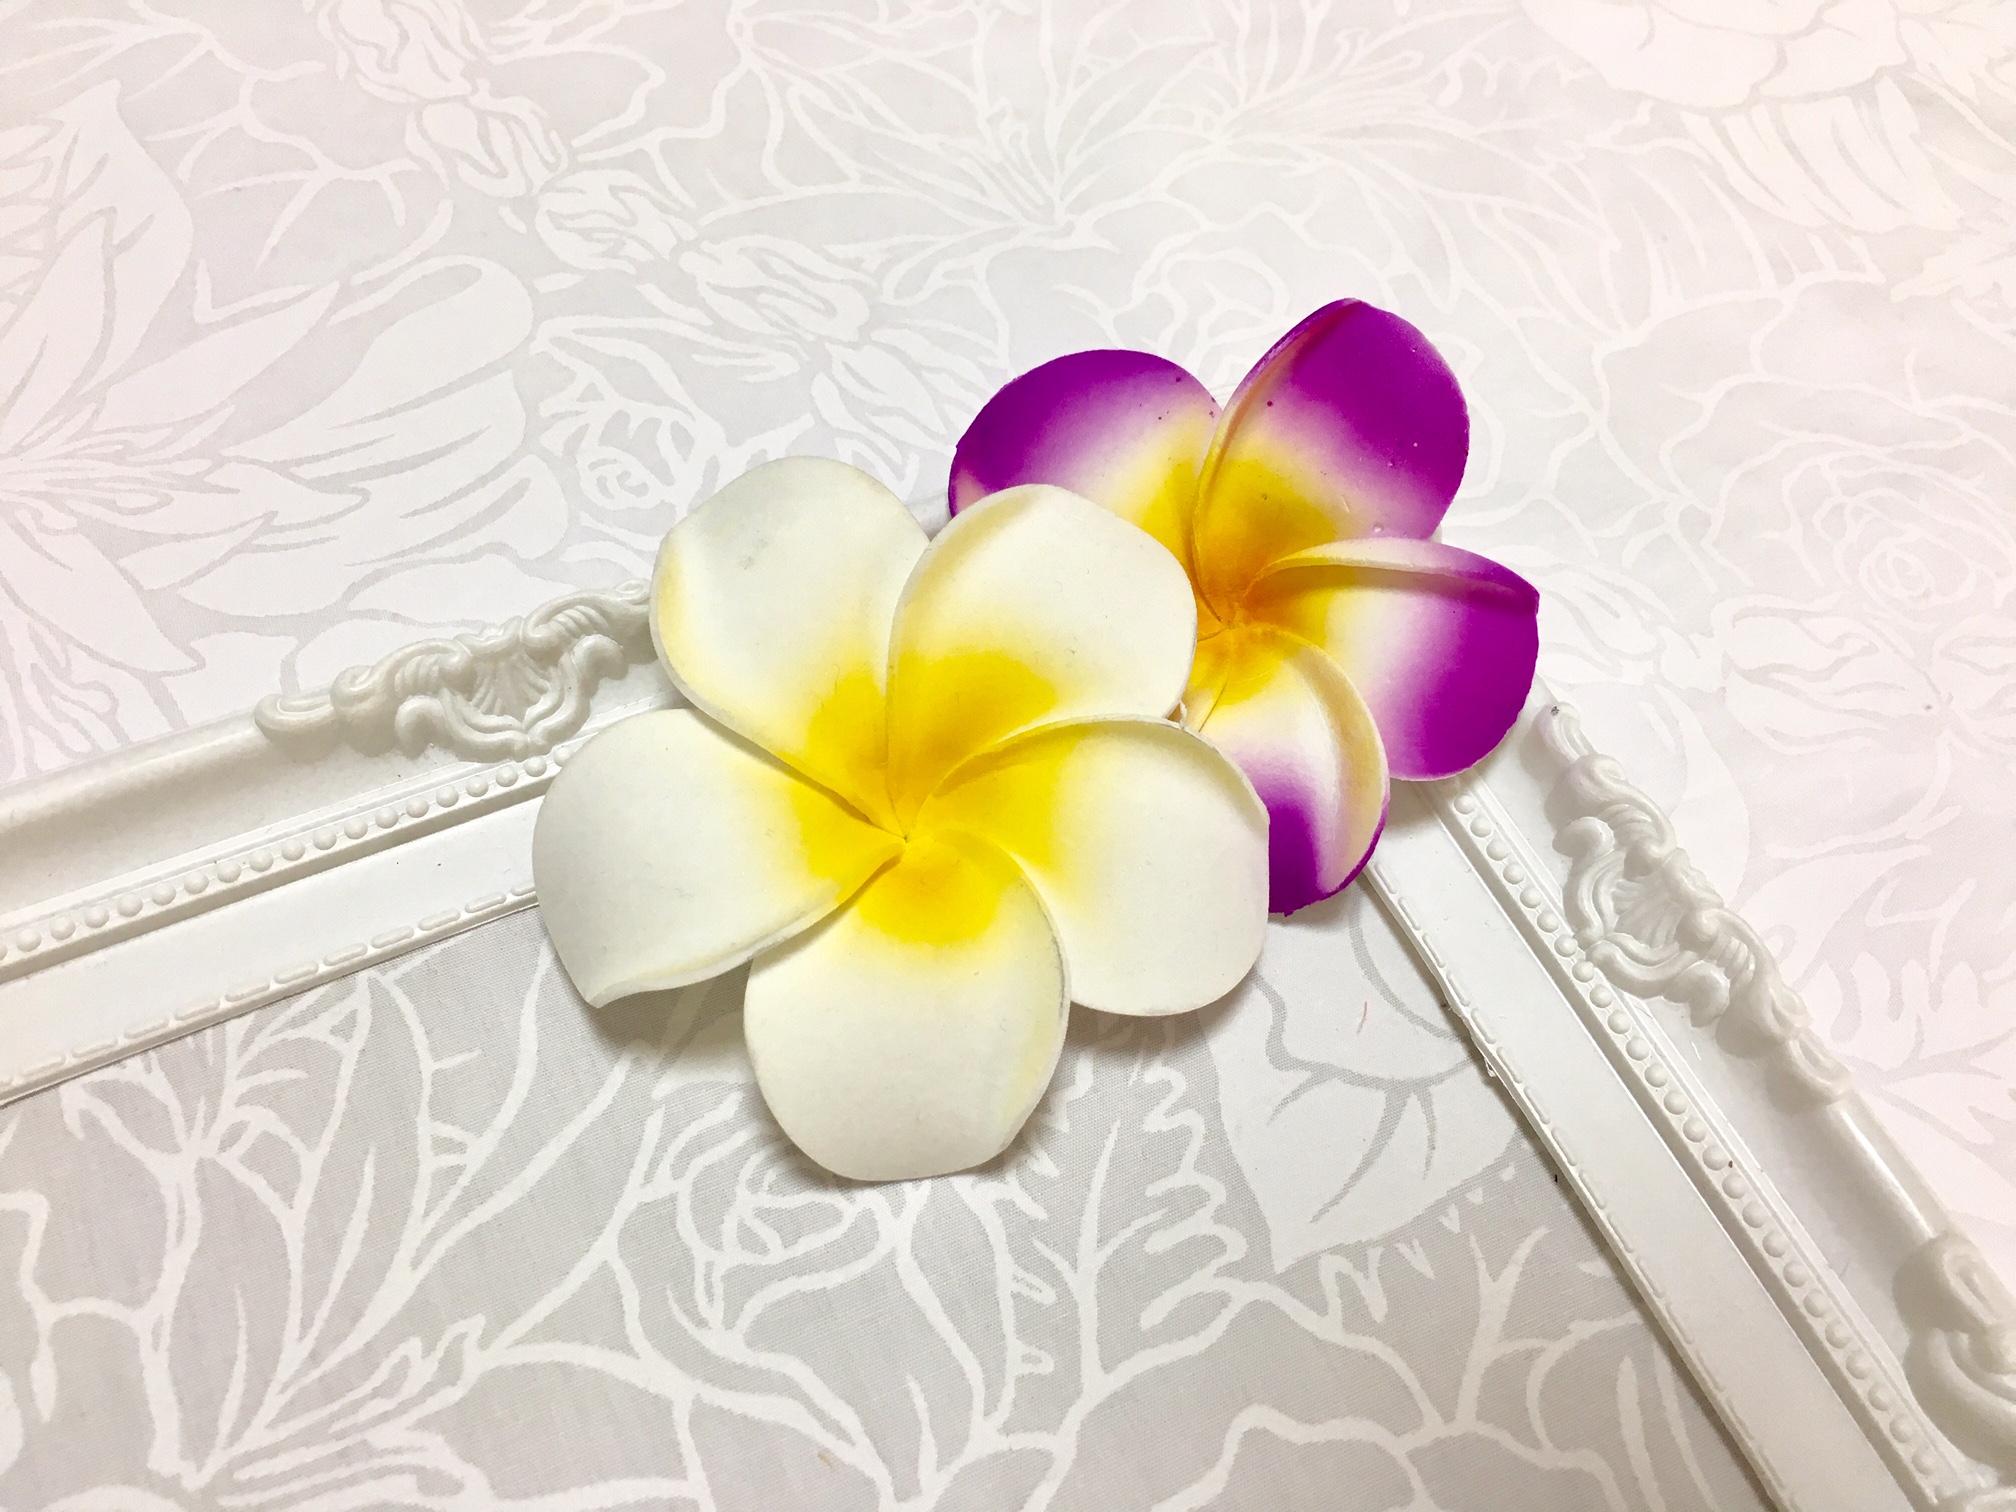 レイ作りの基本のキ・ハワイらしい『プルメリアレイ』をフラのアイテムやお部屋のアクセントに♪